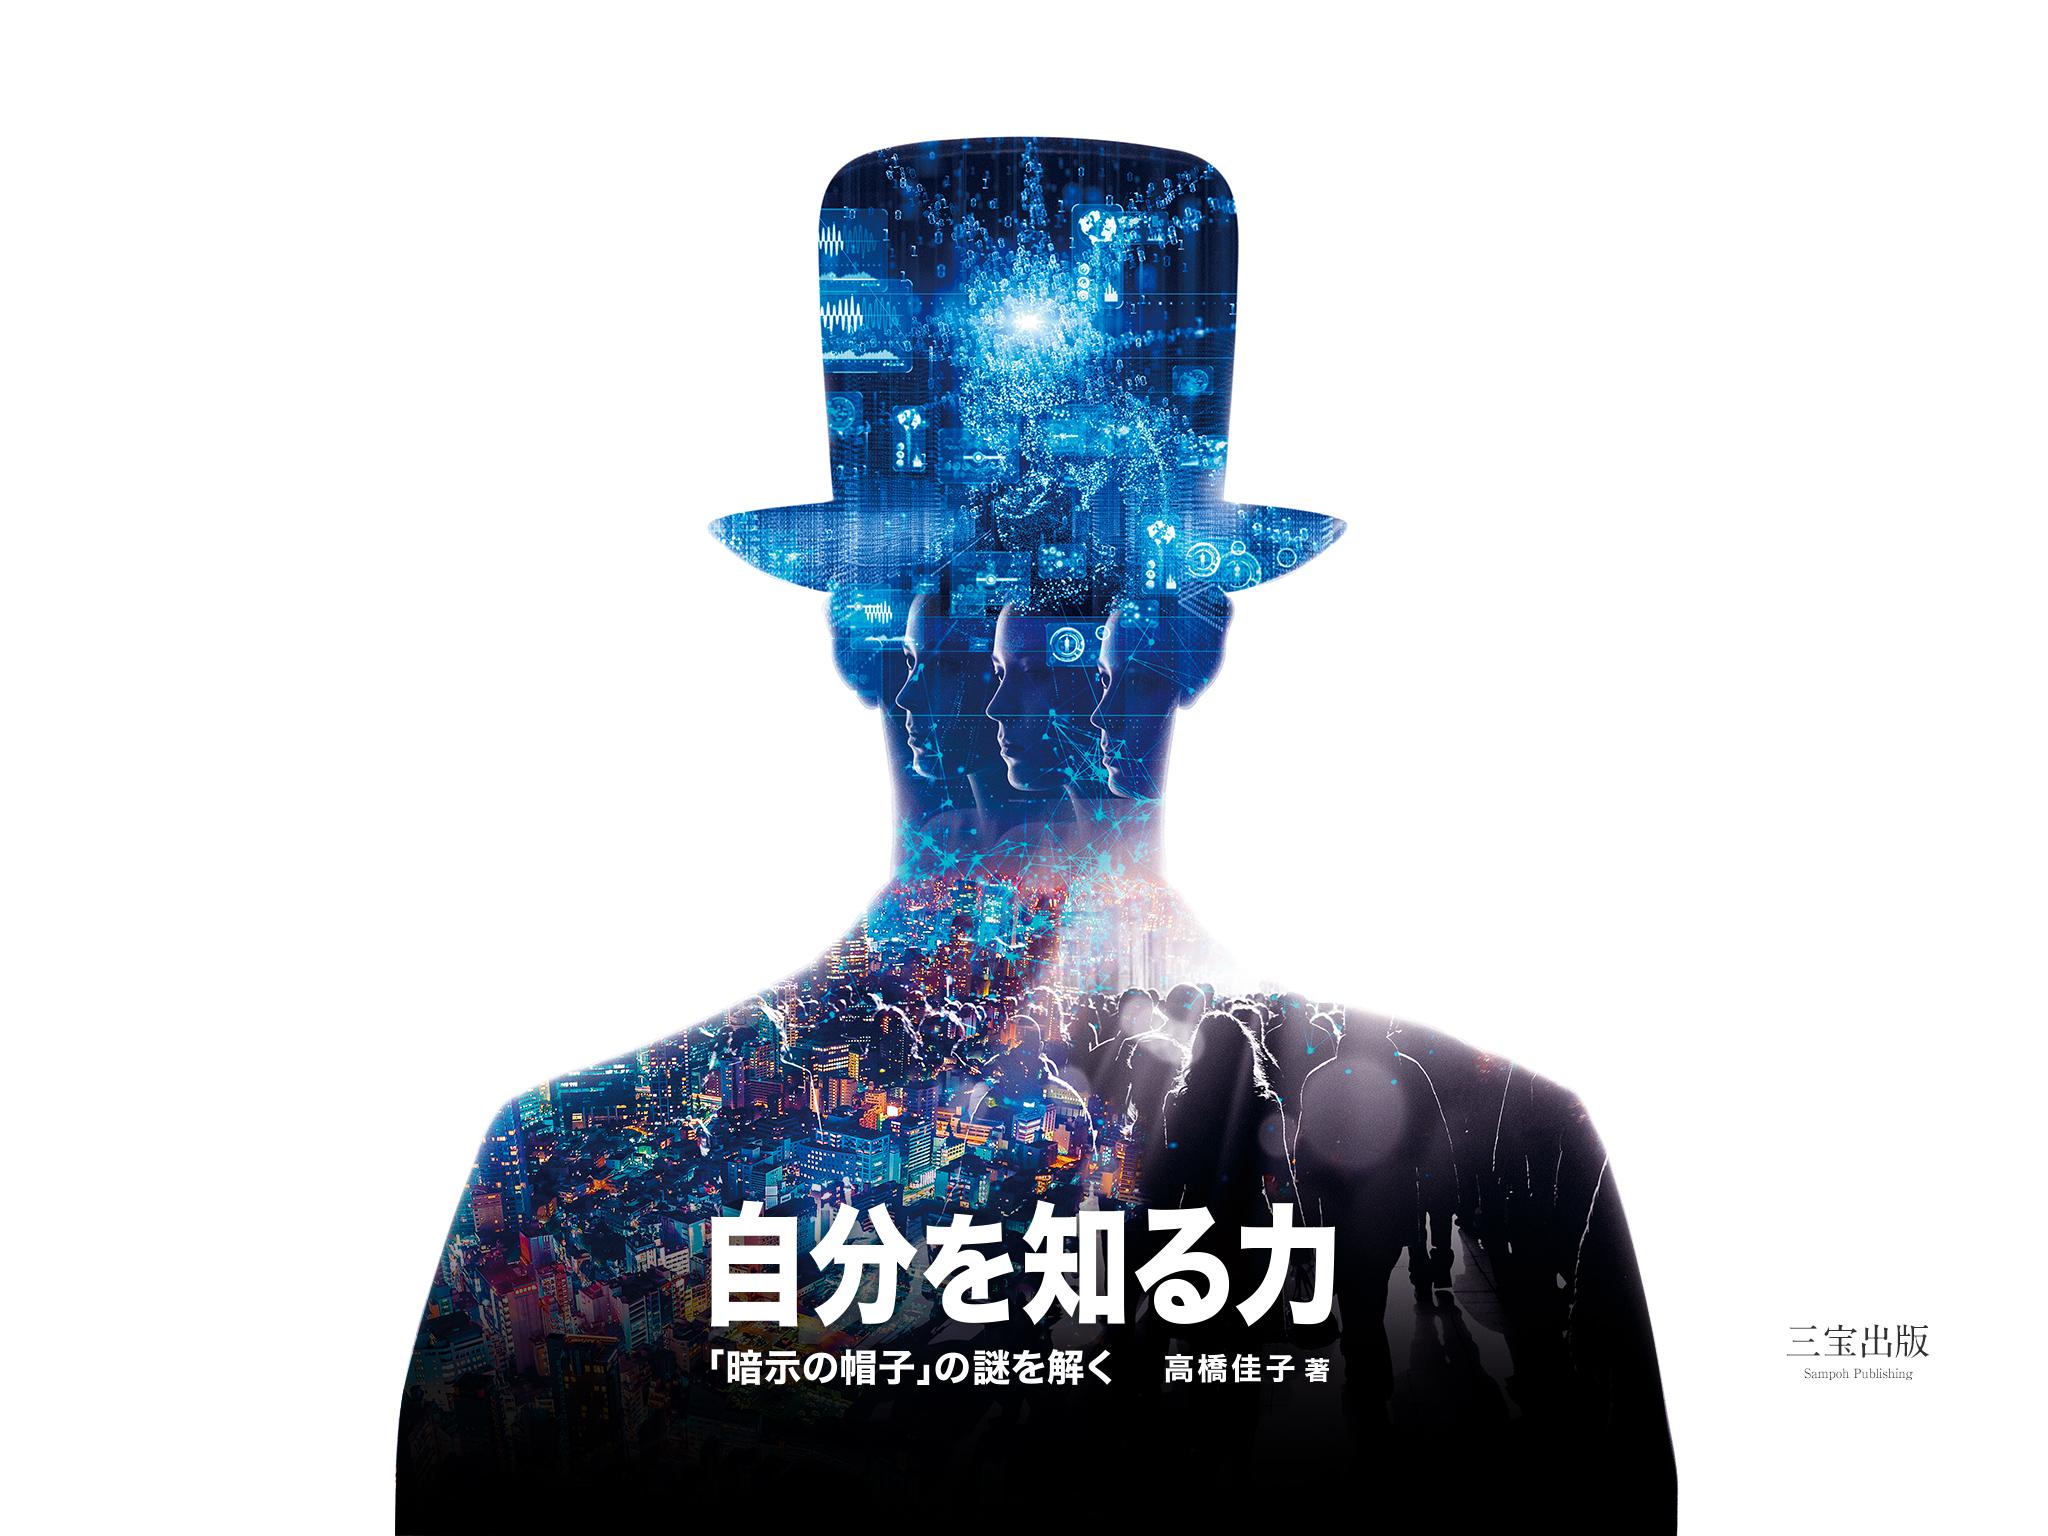 自分を知る力 暗示の帽子 の謎を解く 壁紙ダウンロード 三宝出版